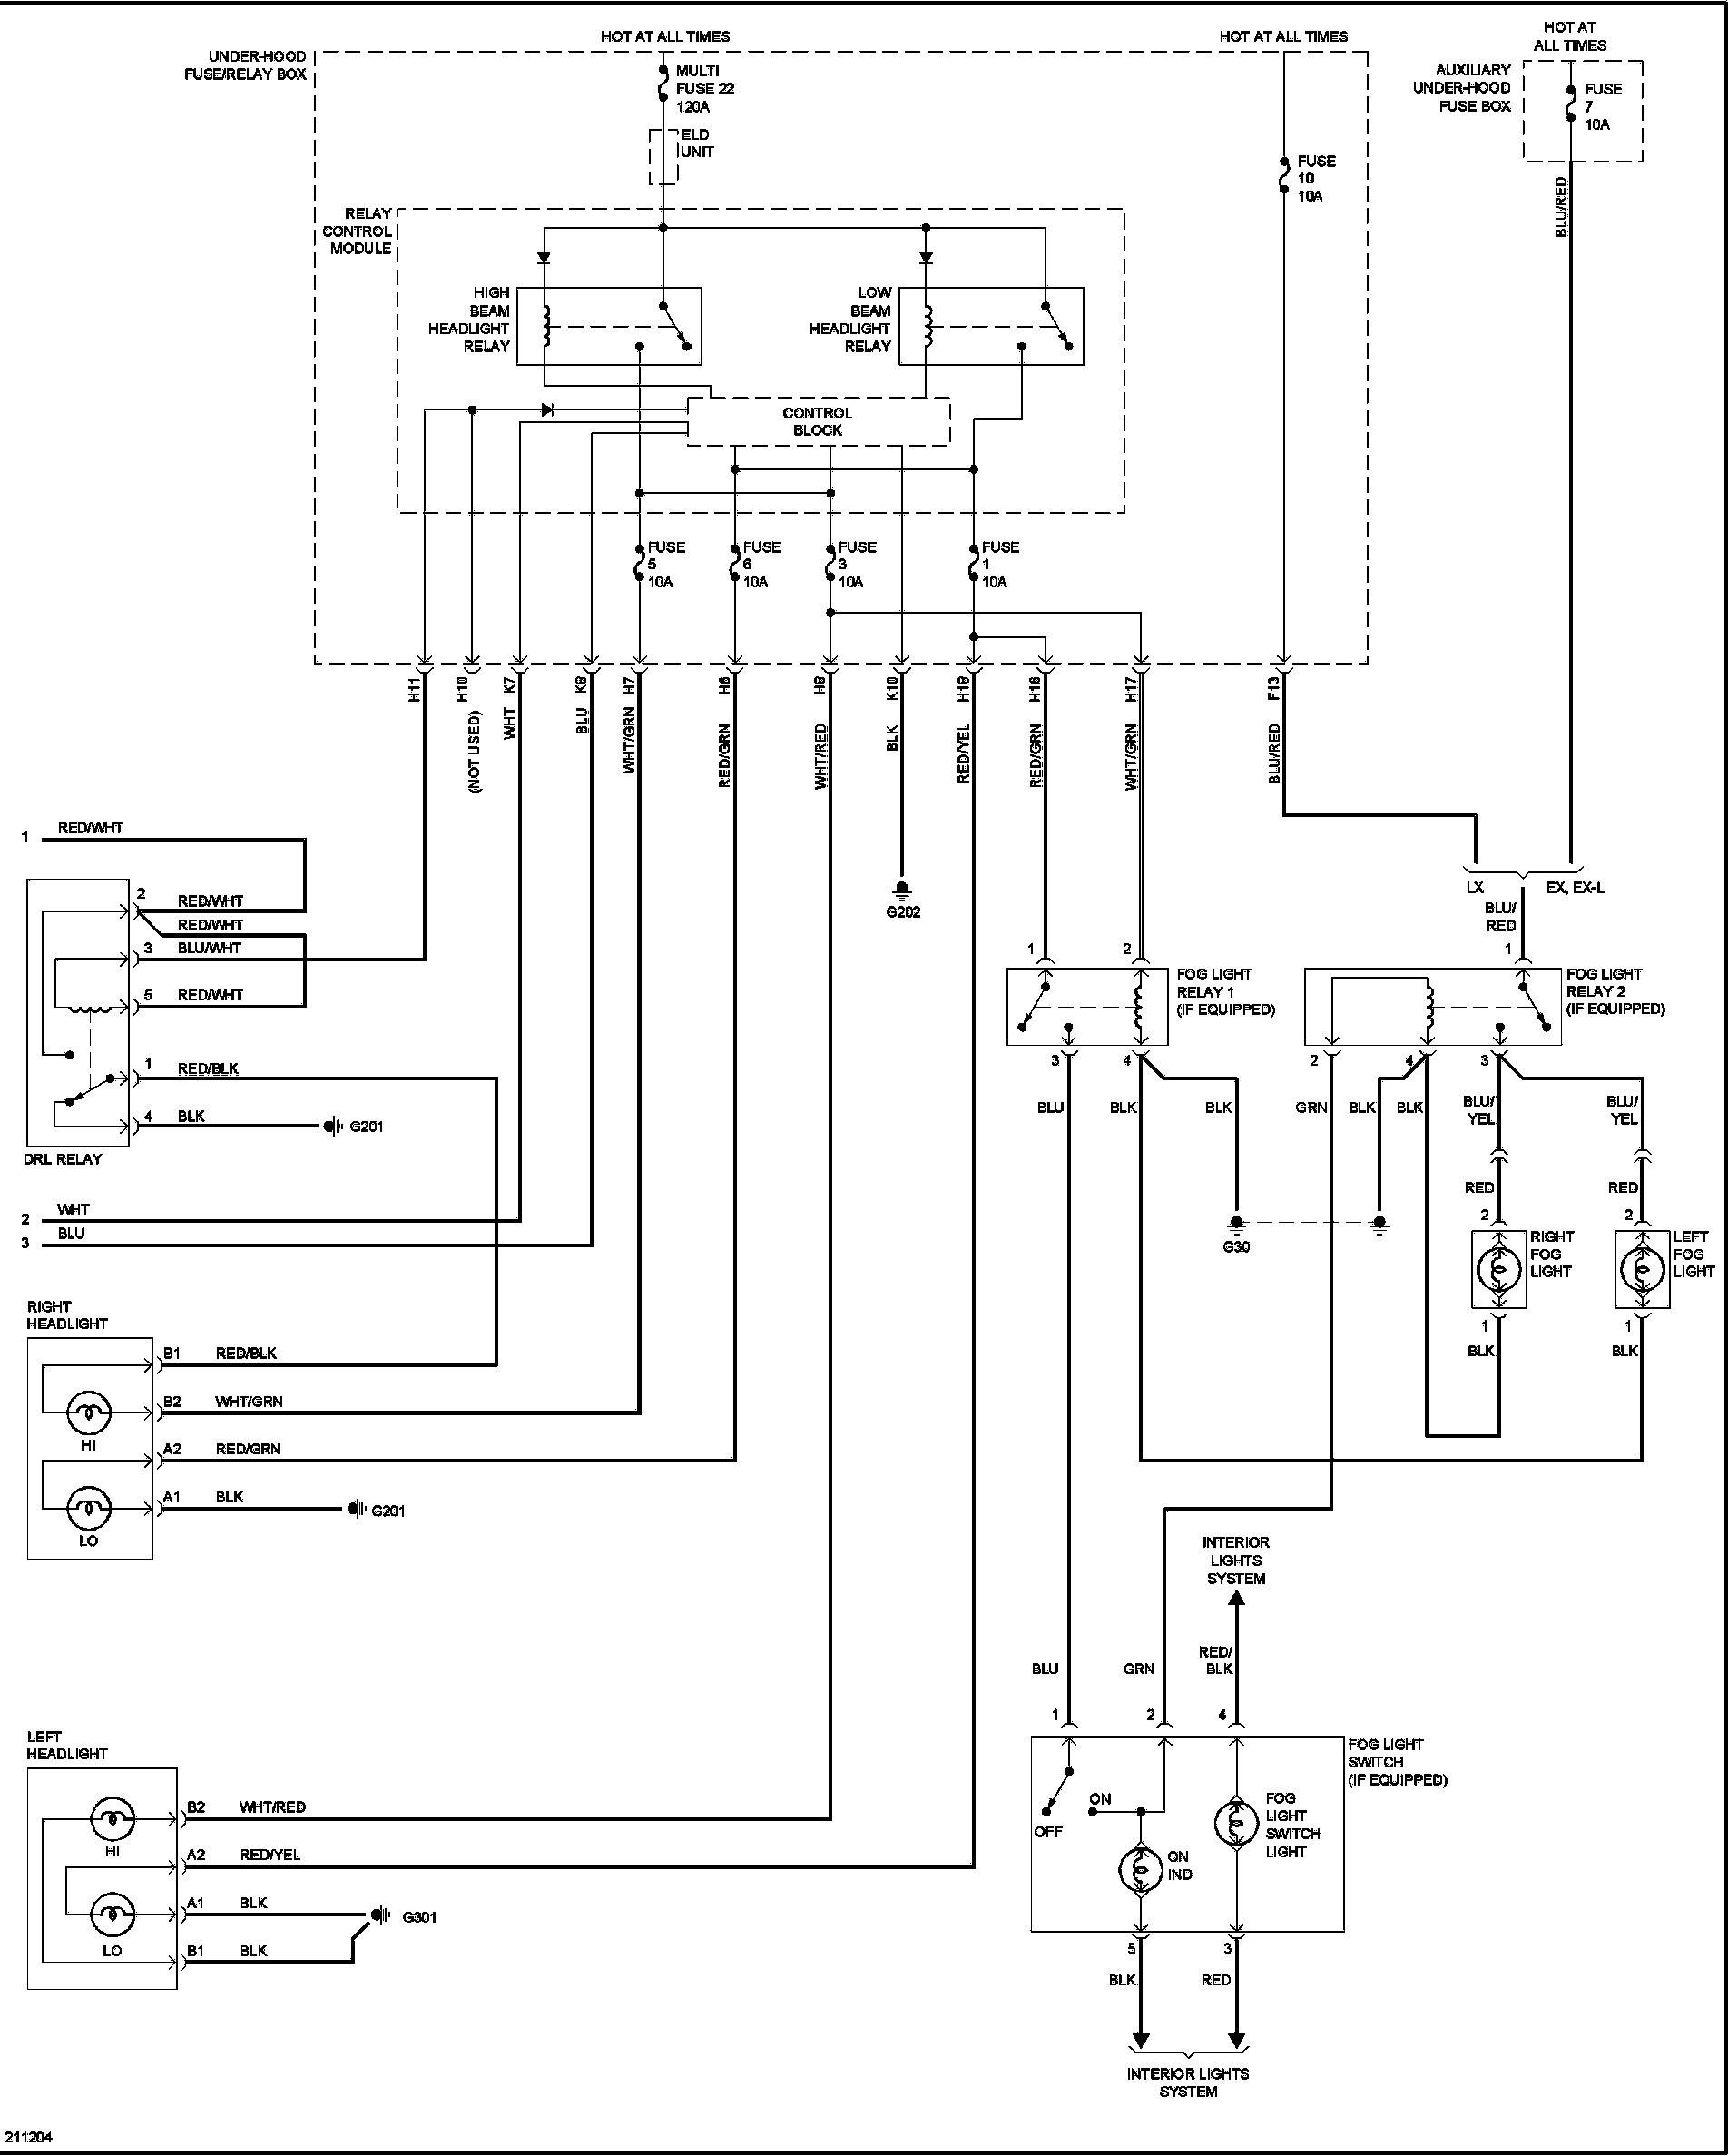 Honda Civik Ek Engine Wiring Diagram Honda Civic 99 Honda Civic Engine Diagram Of Honda Civik Ek Engine Wiring Diagram